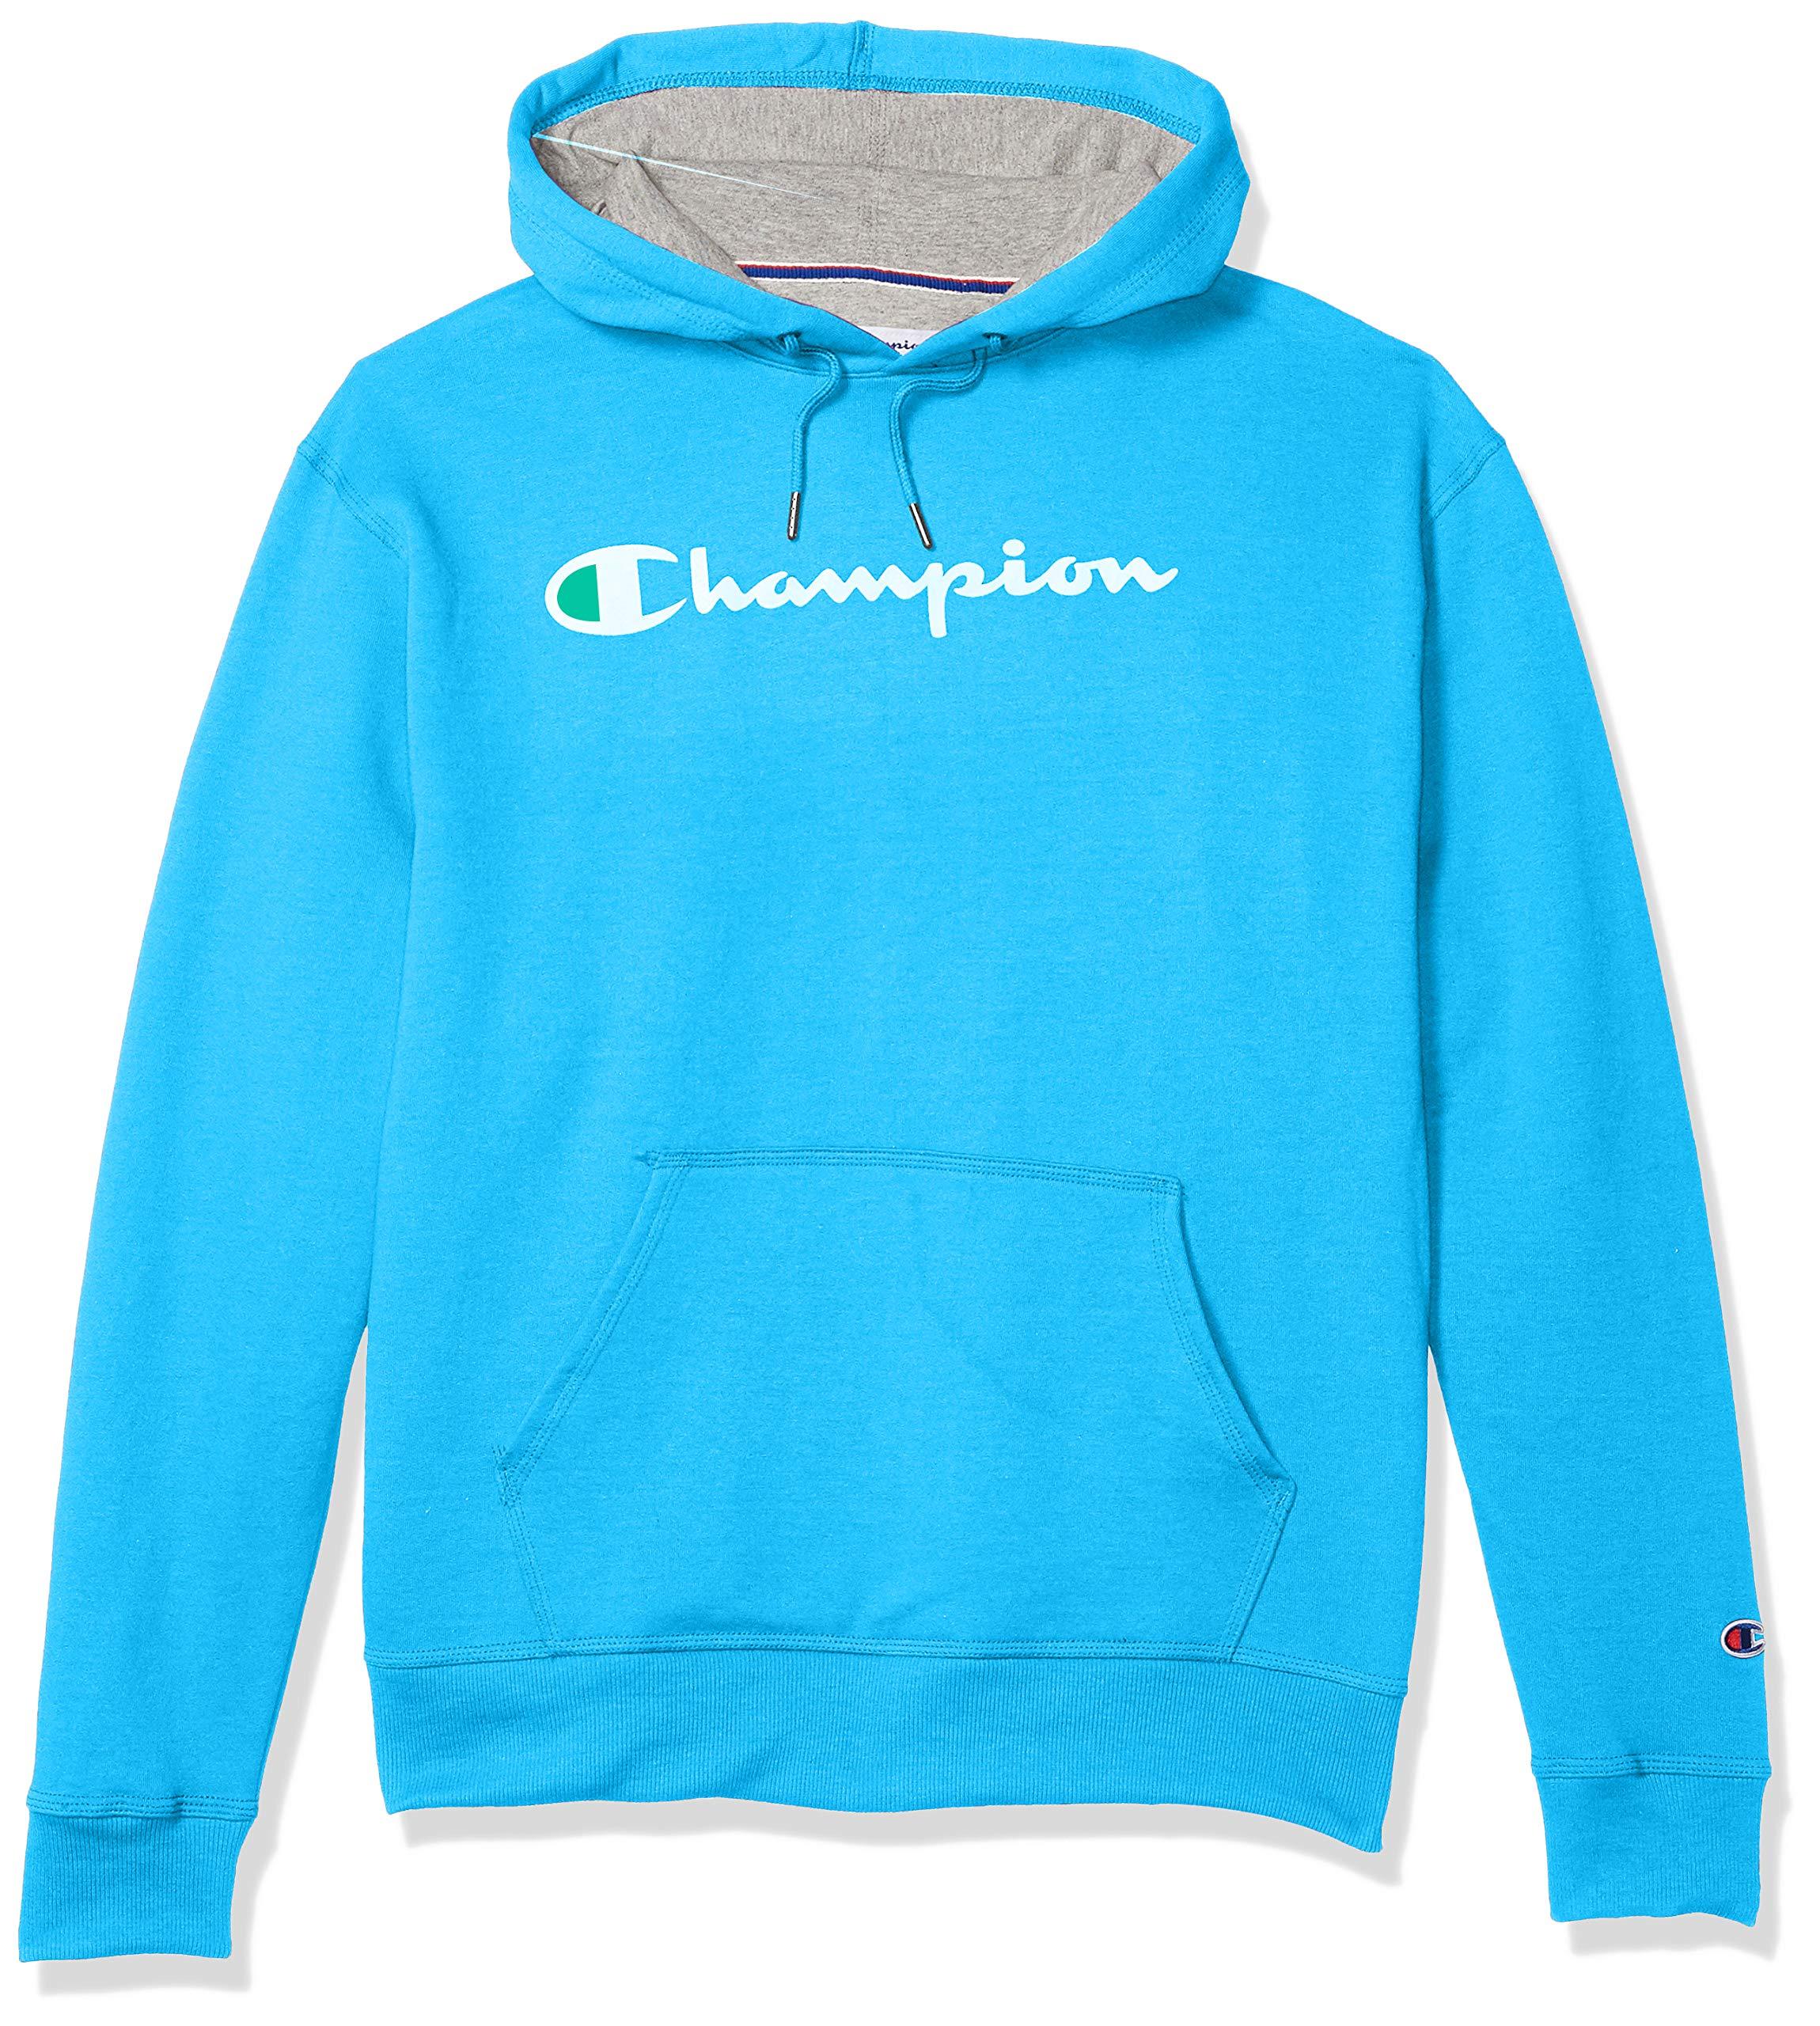 Champion Mens Powerblend Graphic Hoodie Hooded Sweatshirt